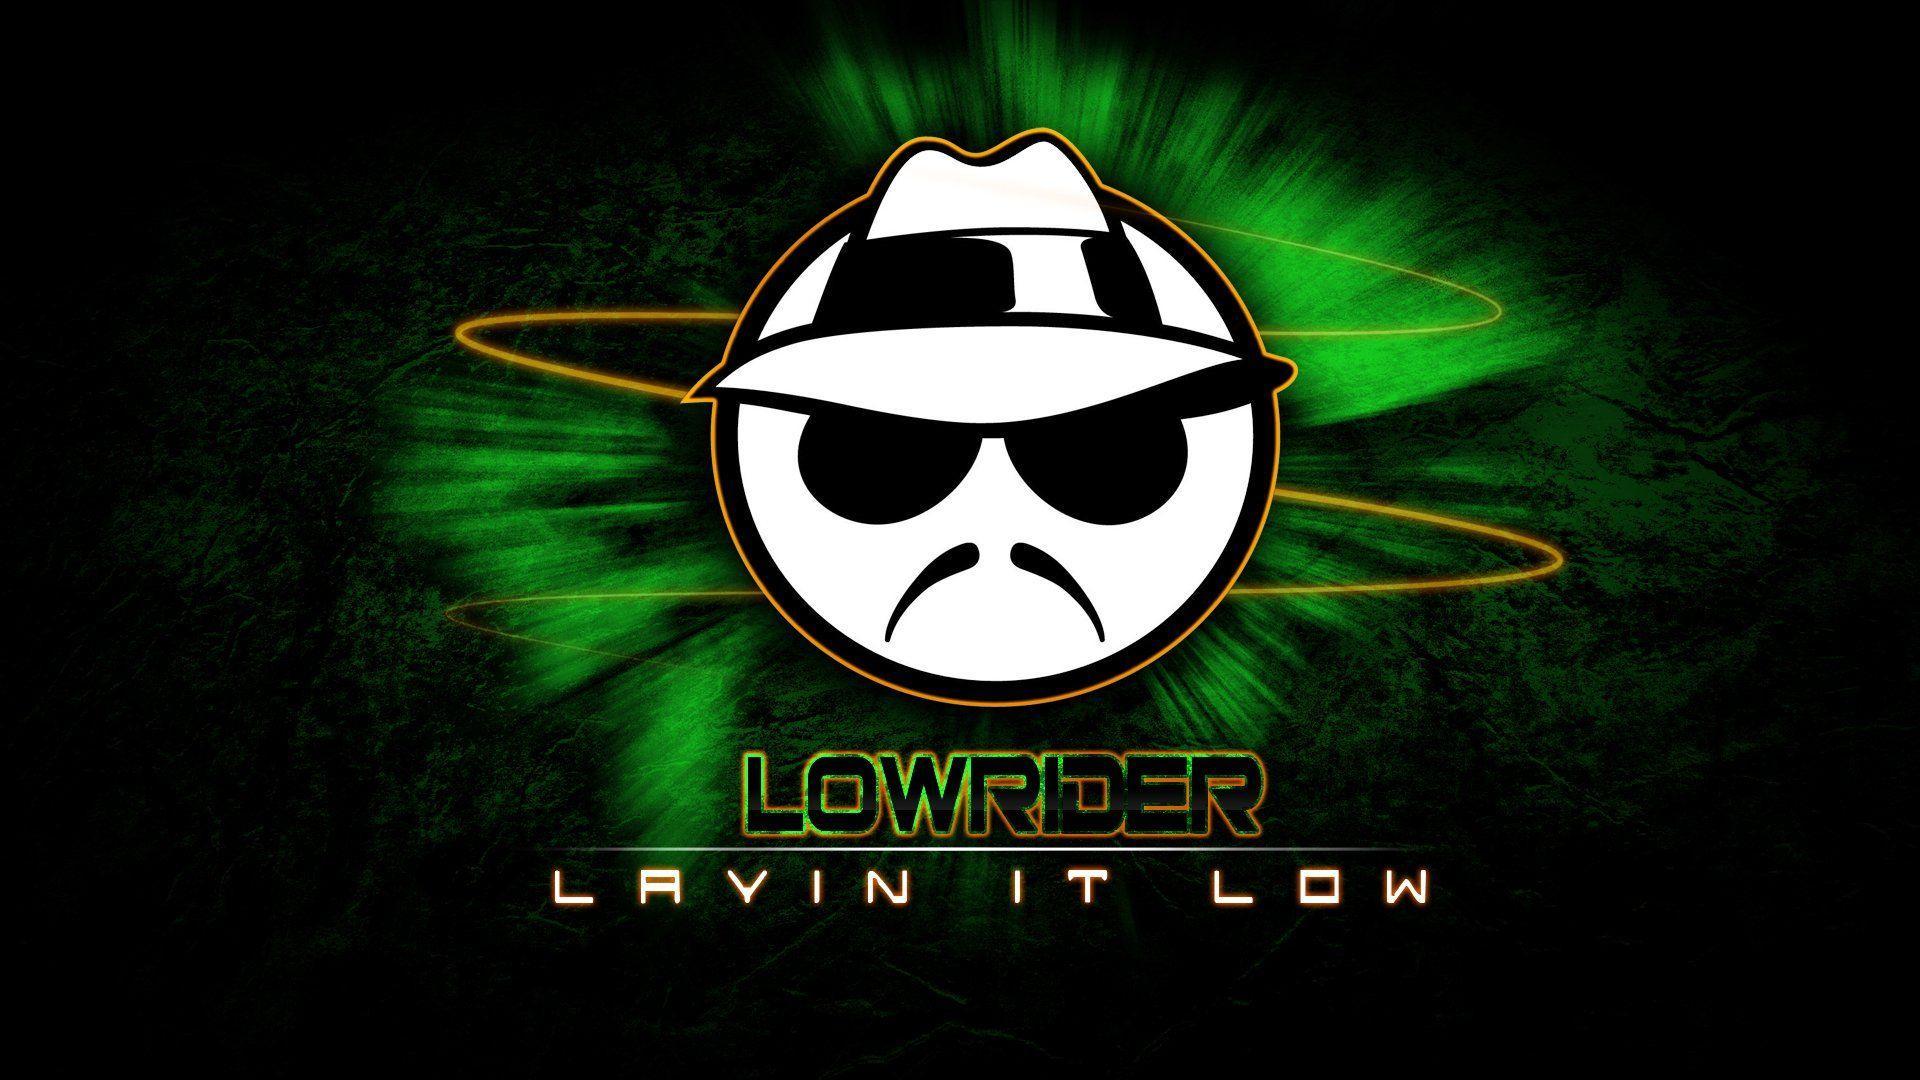 Lowrider Logo Wallpaper